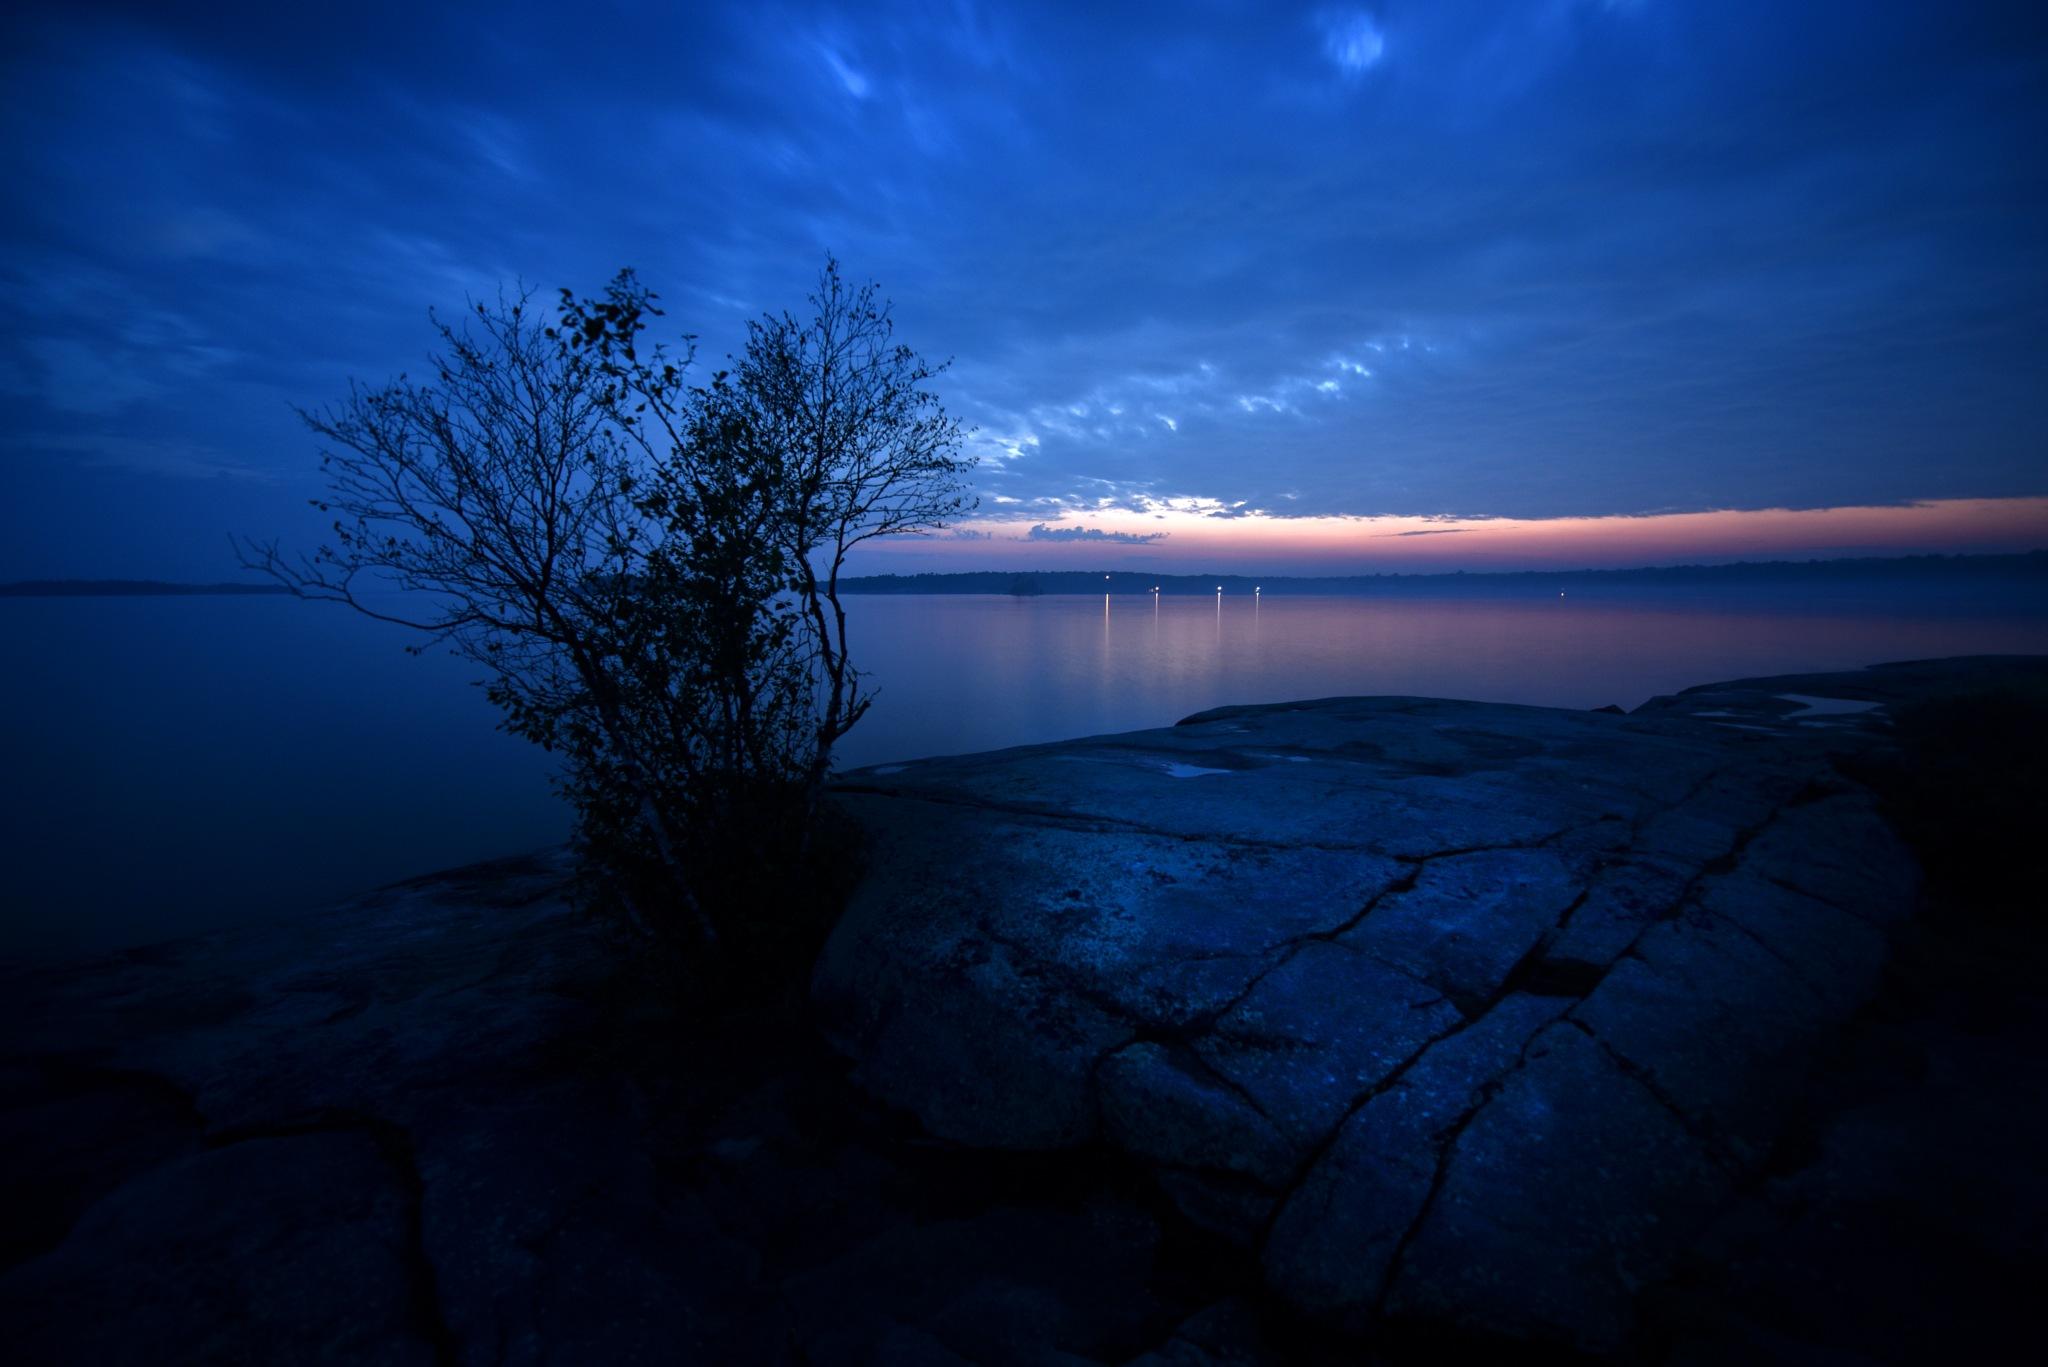 Killbear Provincial Park by Jianmiao He